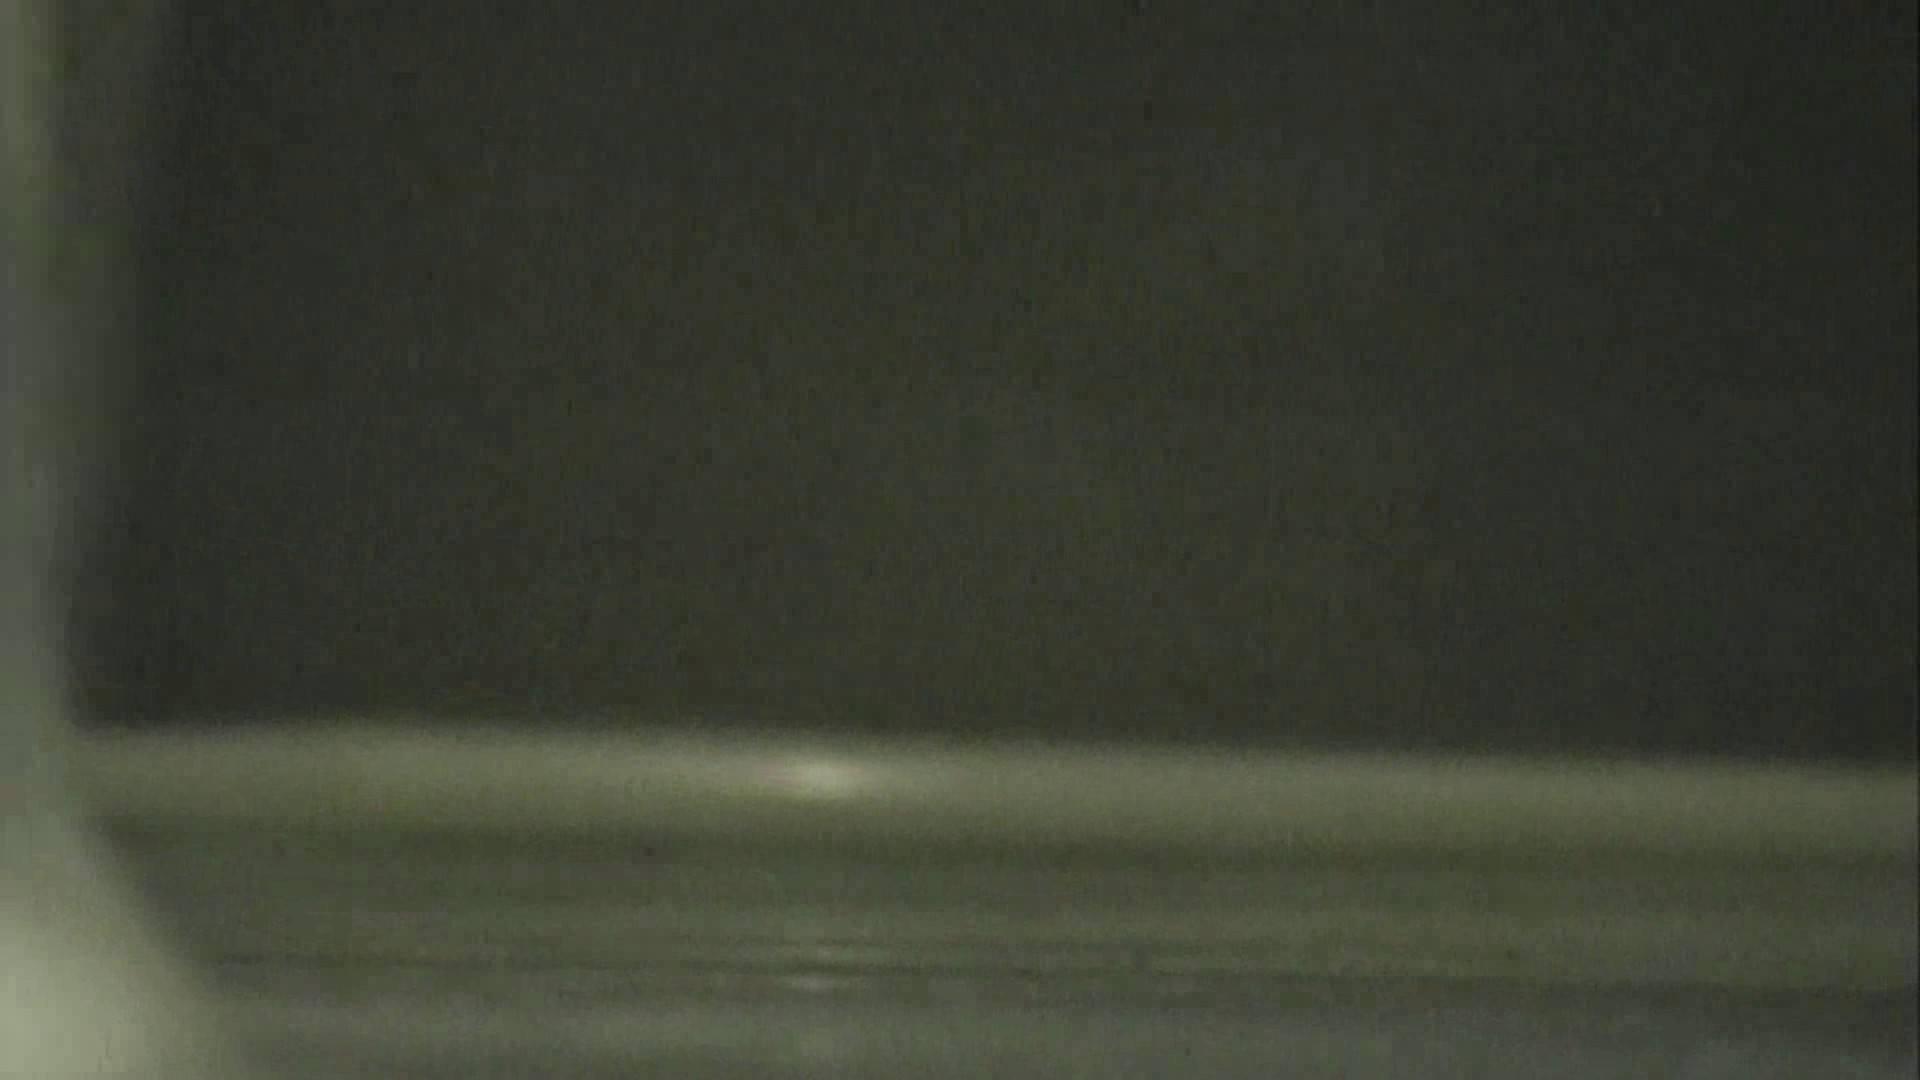 キレカワ女子大生の秘密の洗面所!Vol.010 エロティックなOL われめAV動画紹介 102画像 66